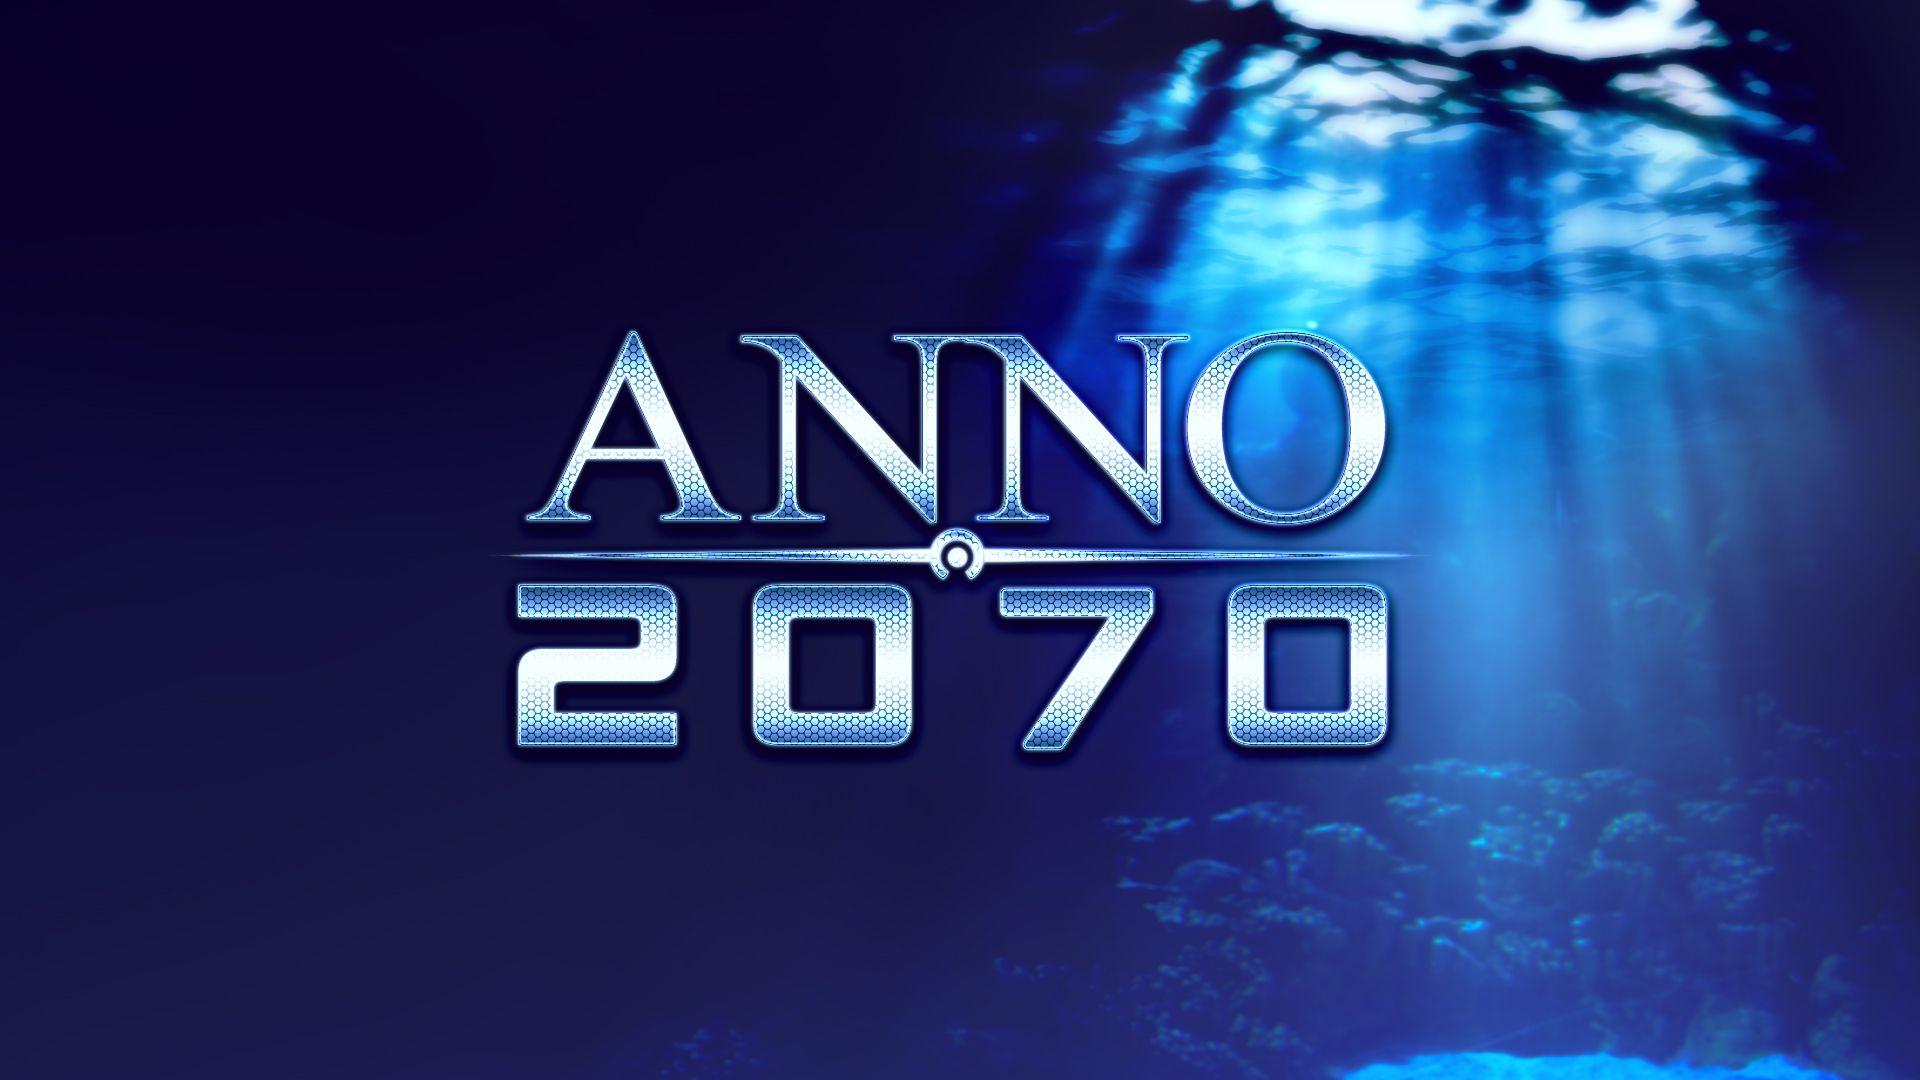 Anno 2070 wallpaper 6